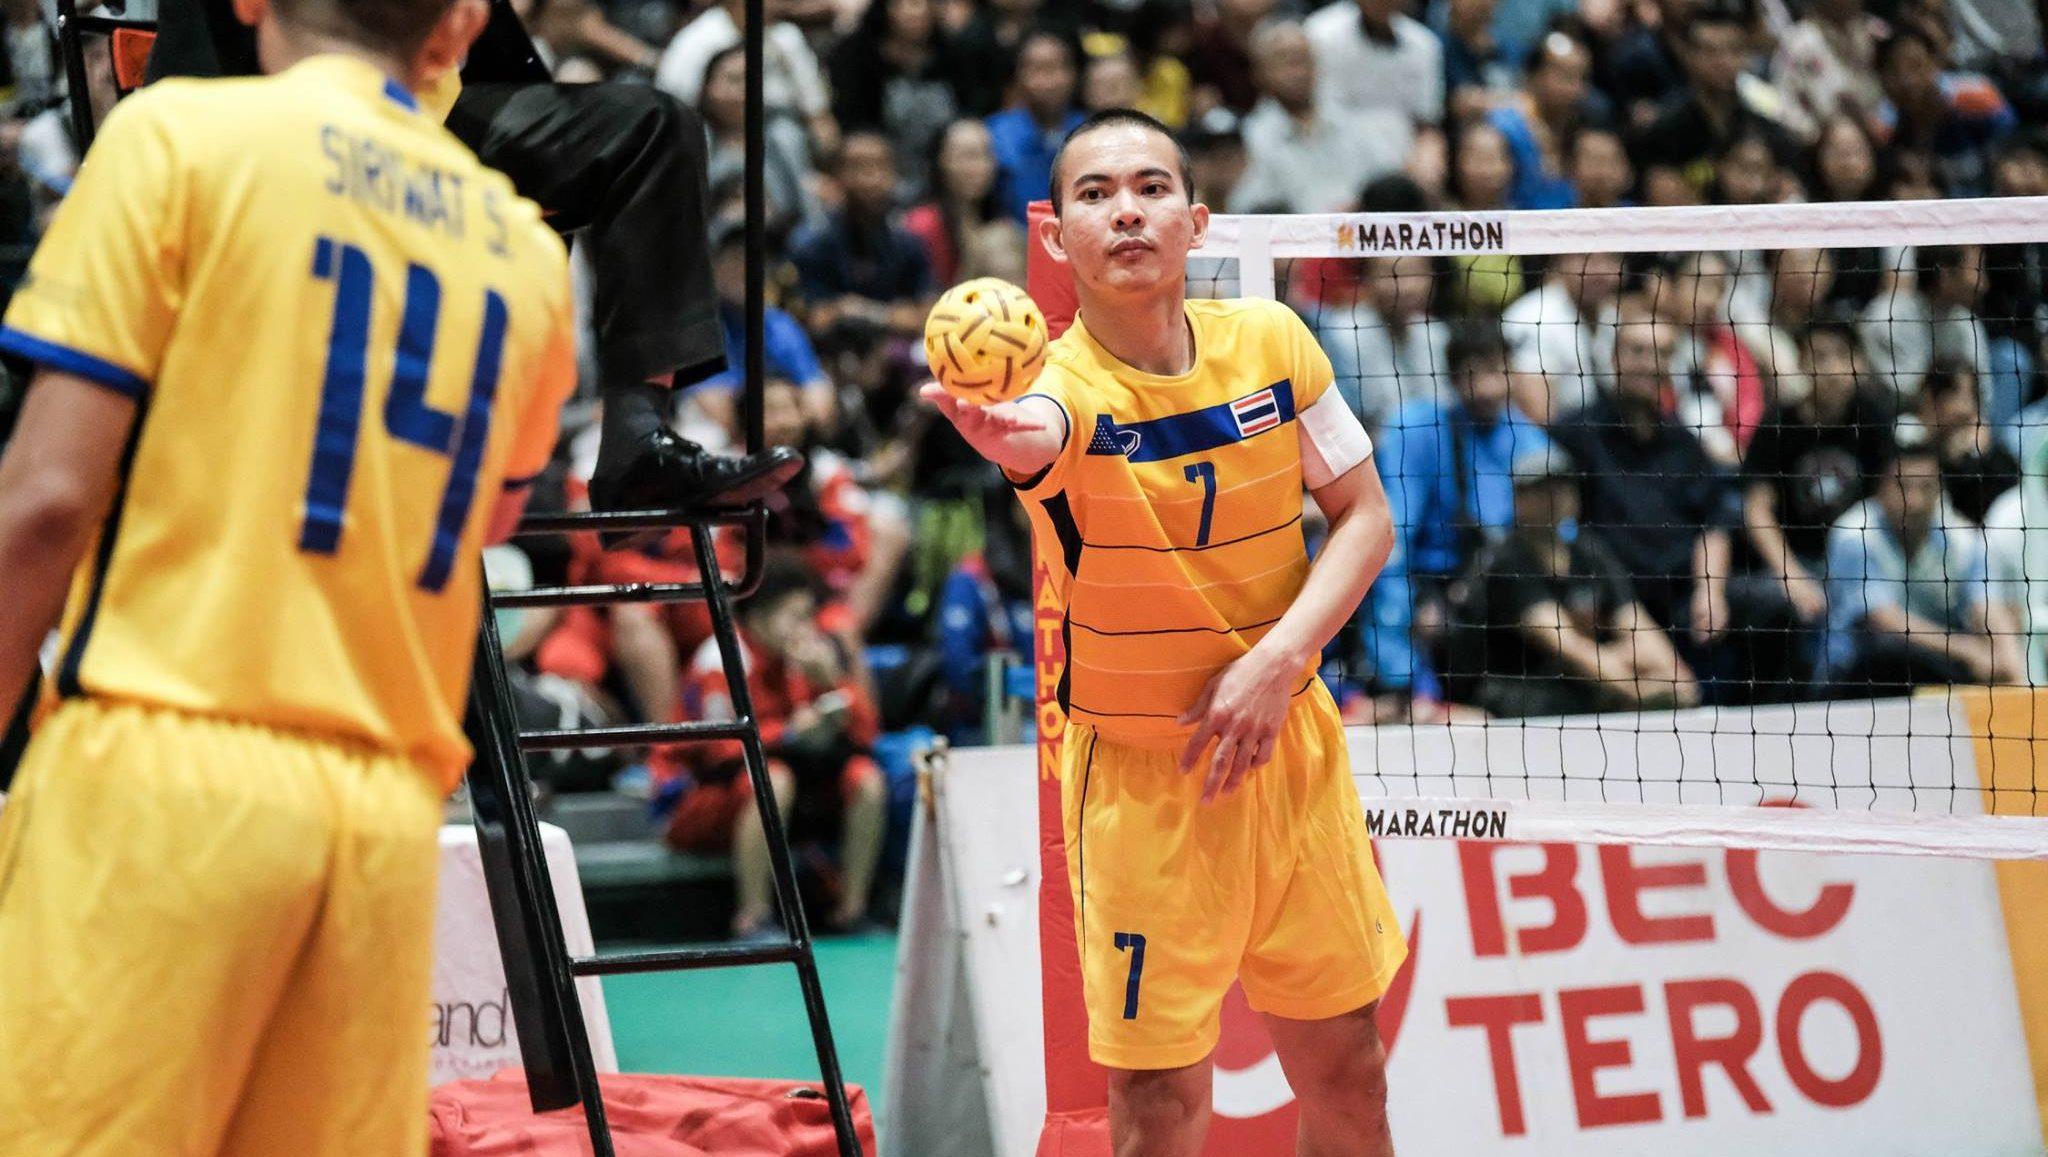 คิงส์คัพ ตะกร้อ ทีมชาติไทย